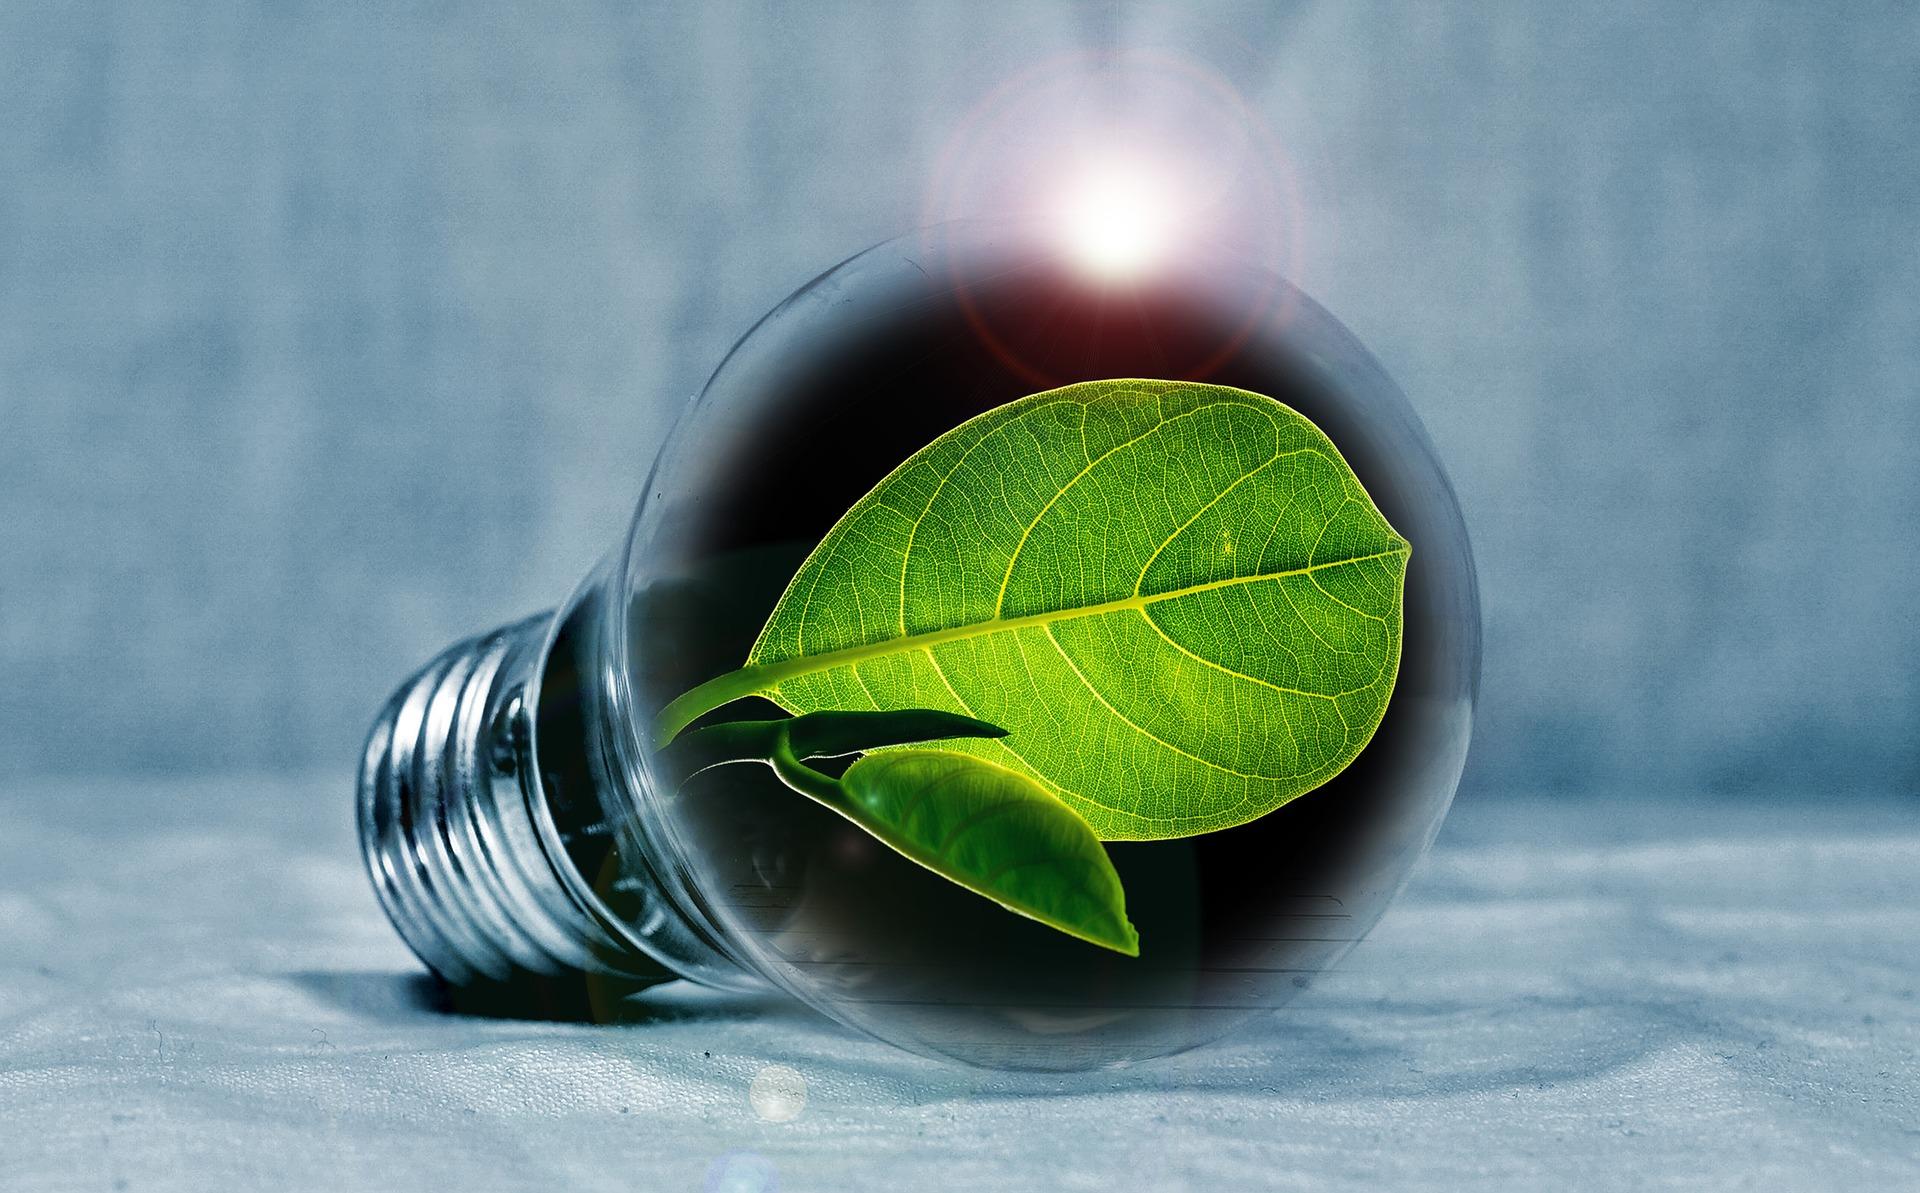 Фінляндія готова інвестувати у виробництво енергії в Україні